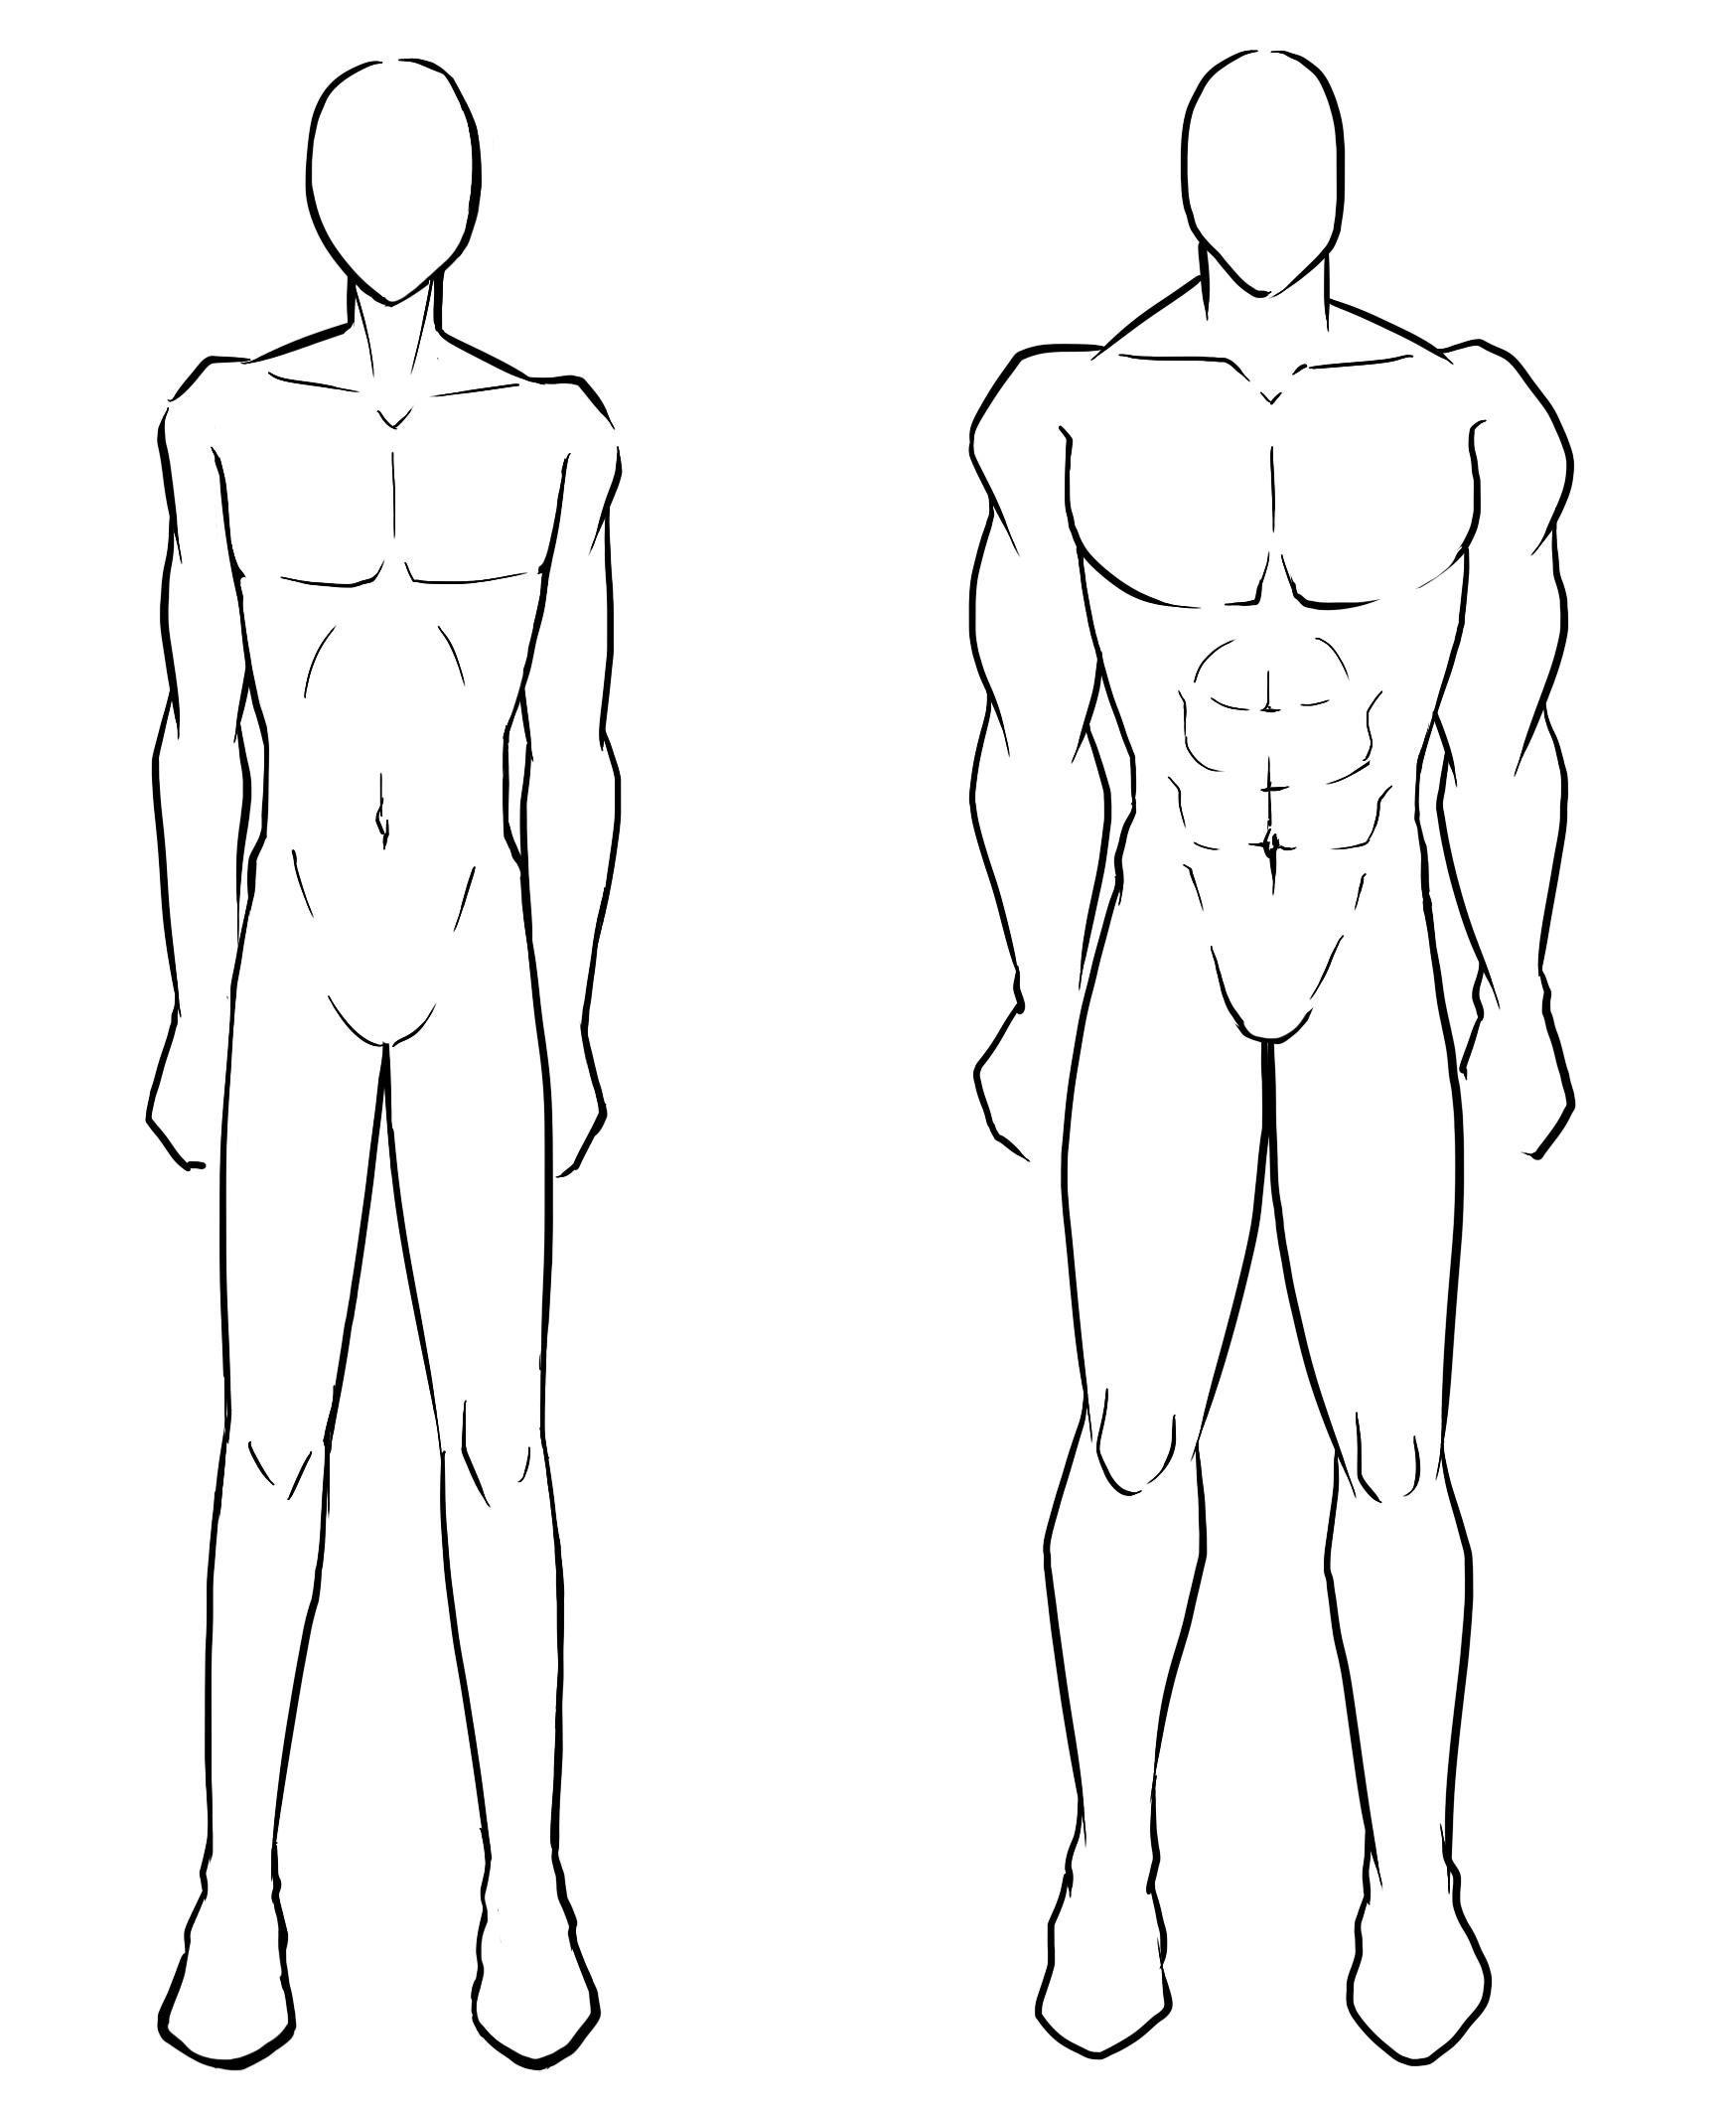 Front View Full Body Tutorial De Manga Desenho De Pessoas Corpo Masculino